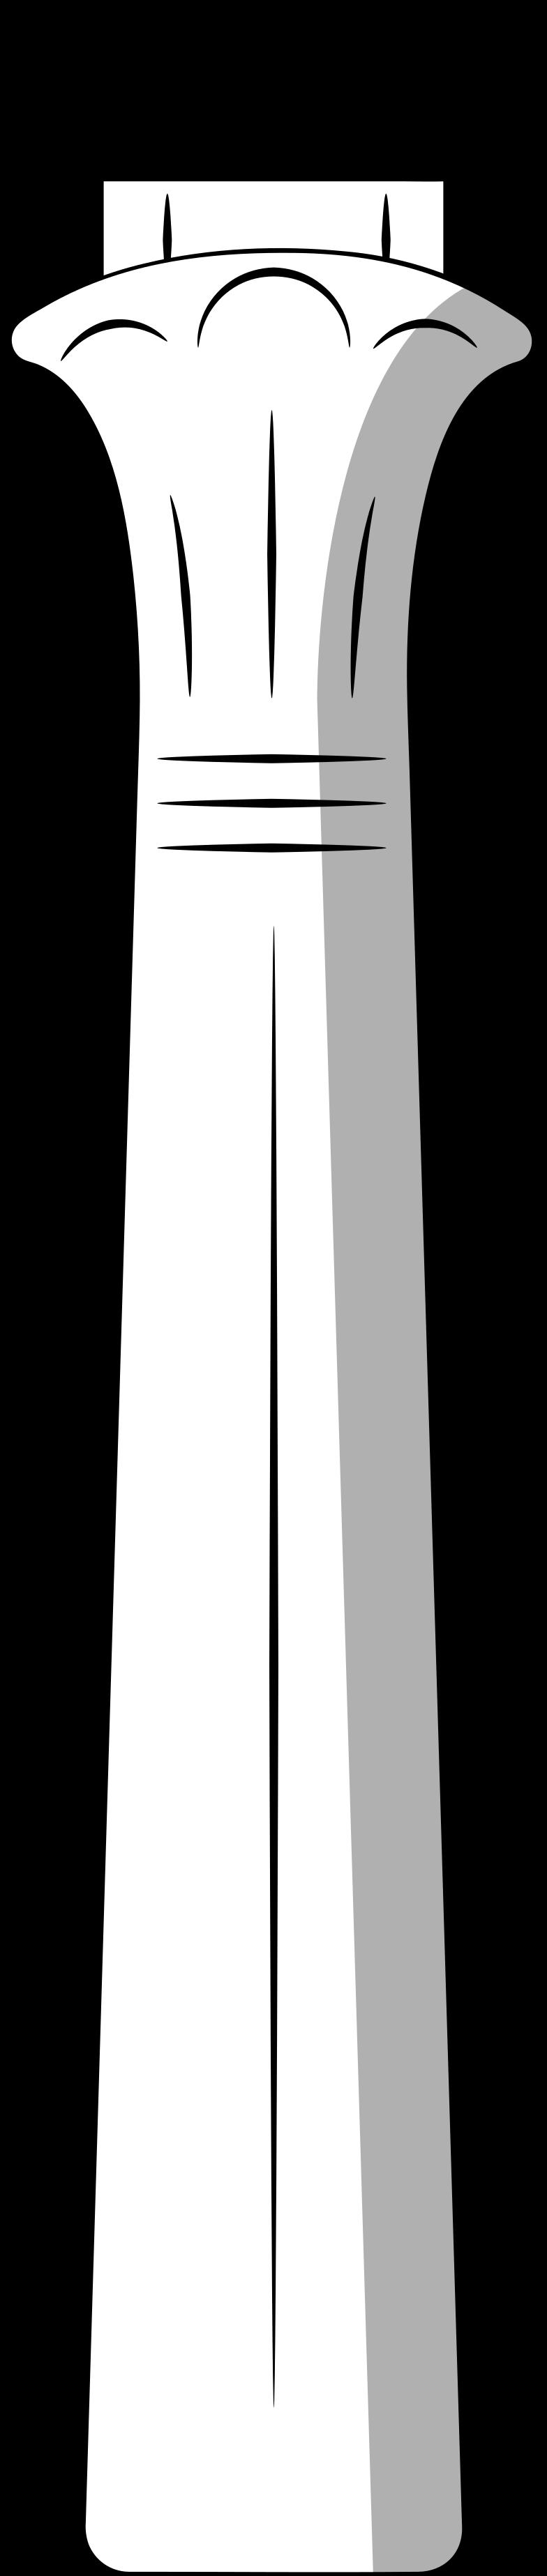 greek column Clipart illustration in PNG, SVG